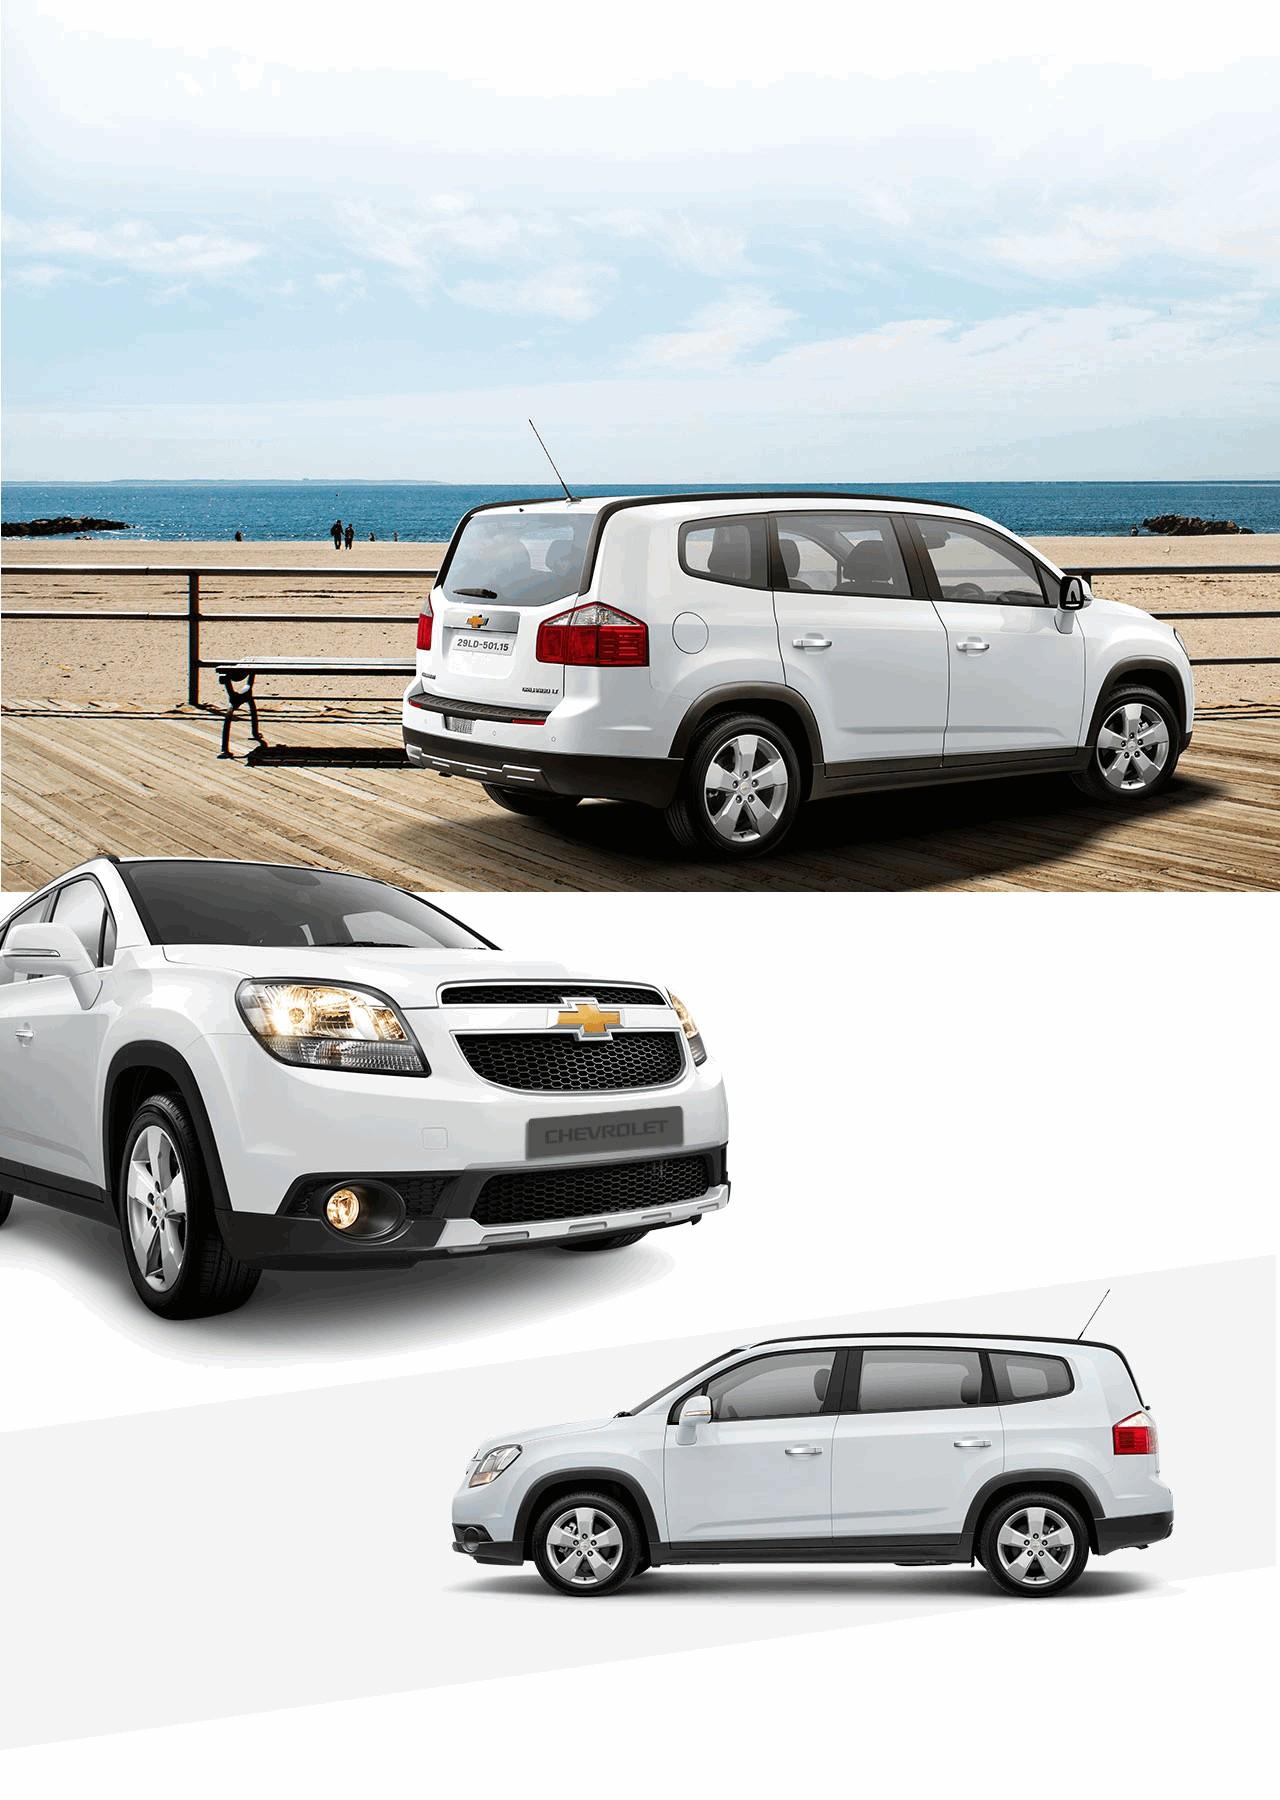 Xe 7 Chỗ Chevrolet Orlando Có Giá Từ 639 Triệu Vnđ